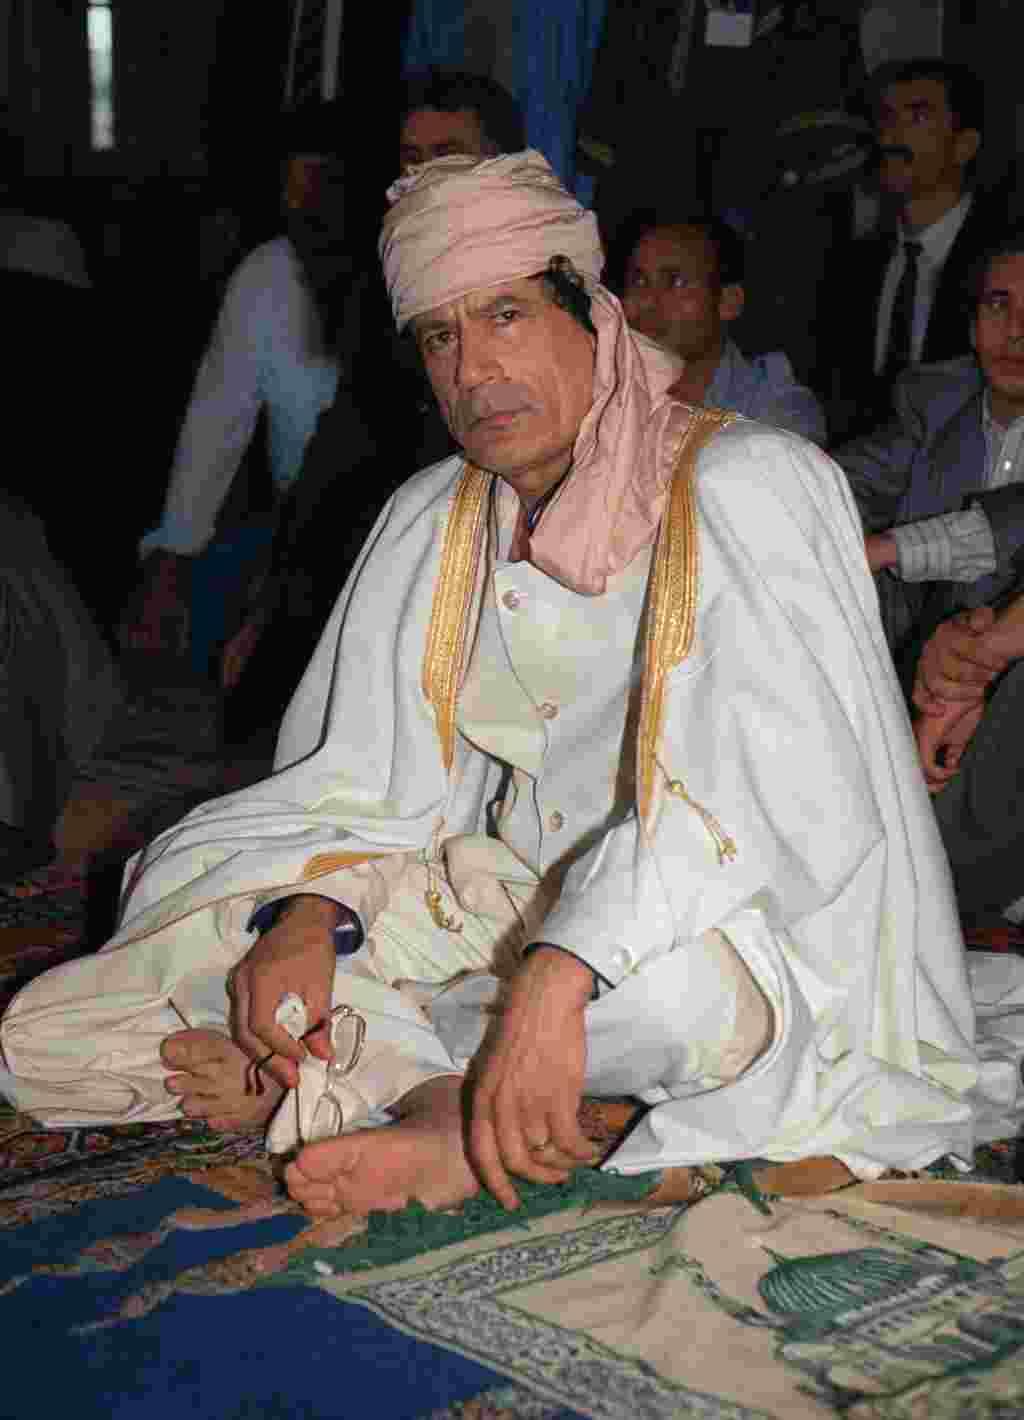 En 1989, Moammar Gadhafi una cumbre para resolver una disputa territorial entre Libia y Chad.